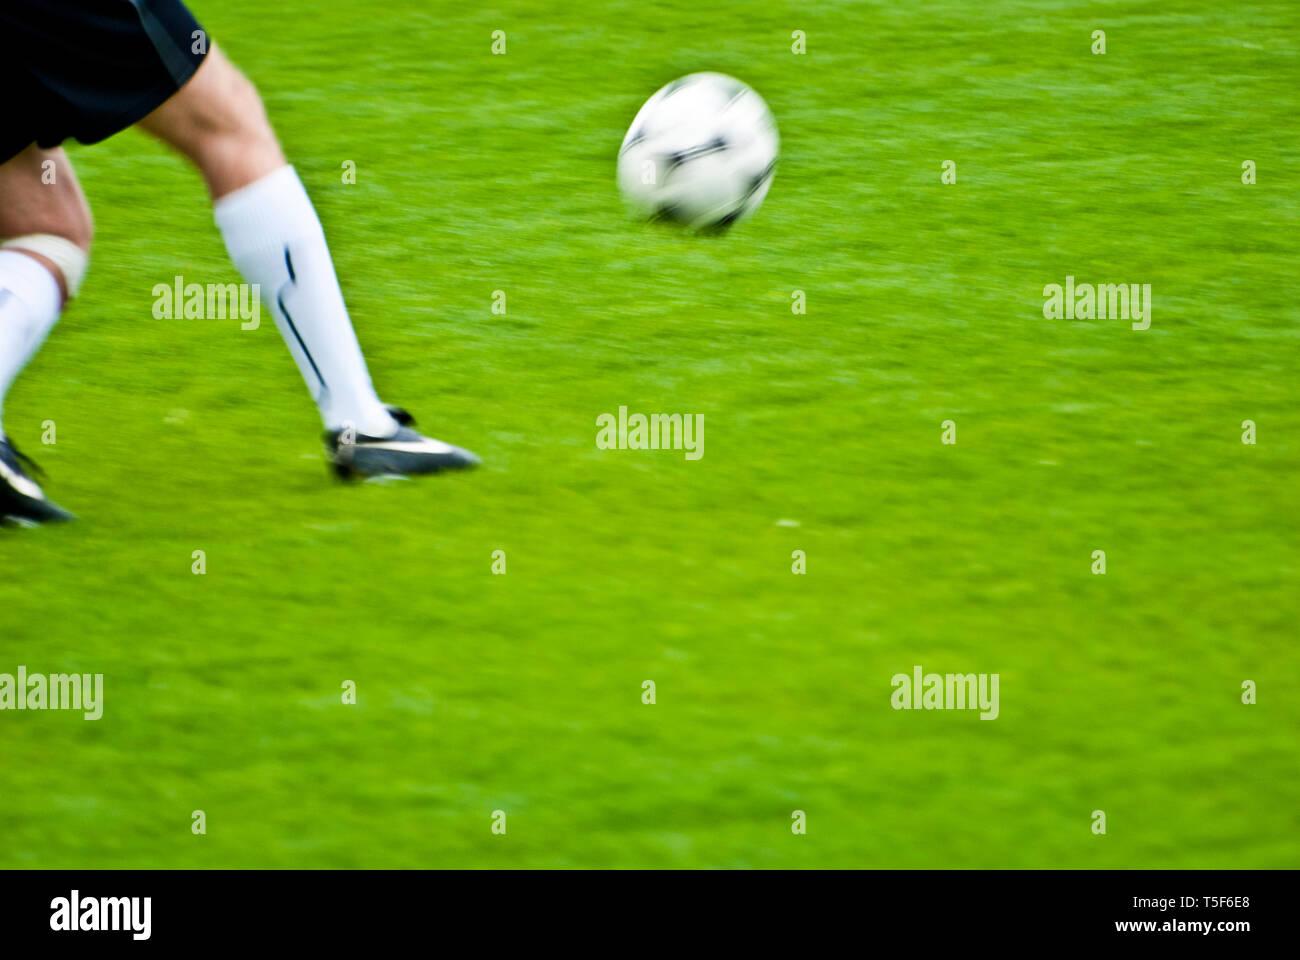 Las piernas y la bola de un jugador de fútbol durante un partido Foto de stock